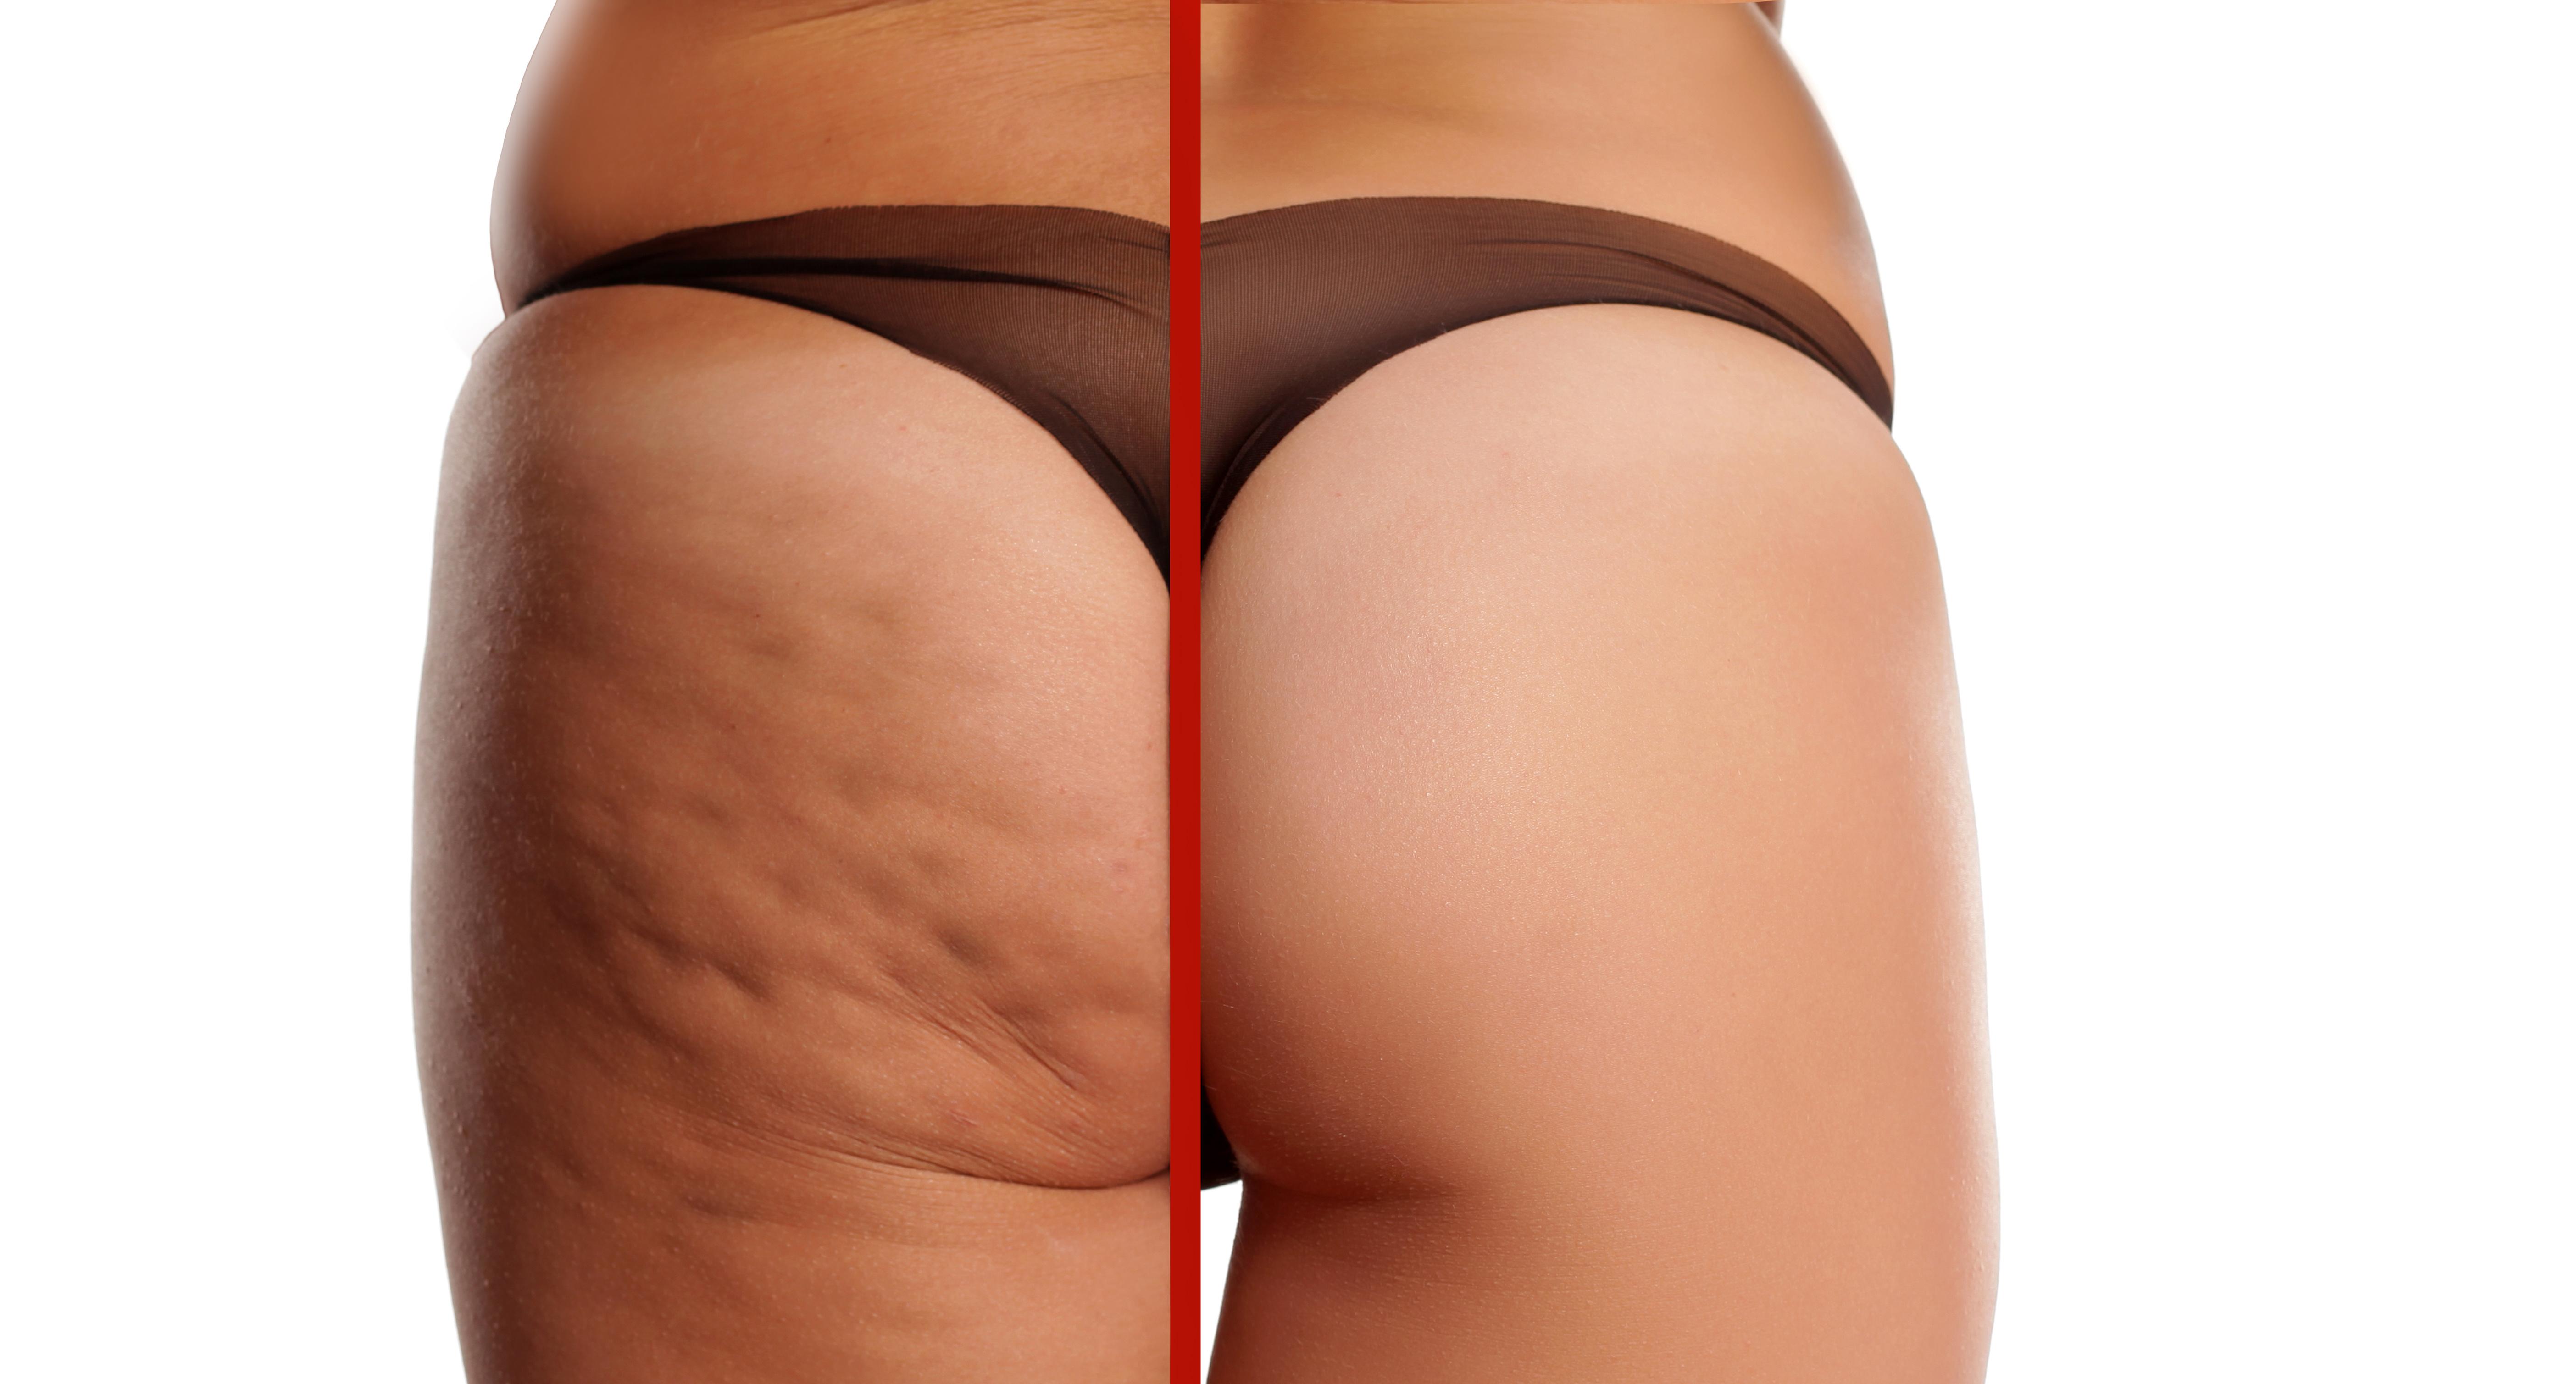 Confronto Glutei donna con e senza cellulite